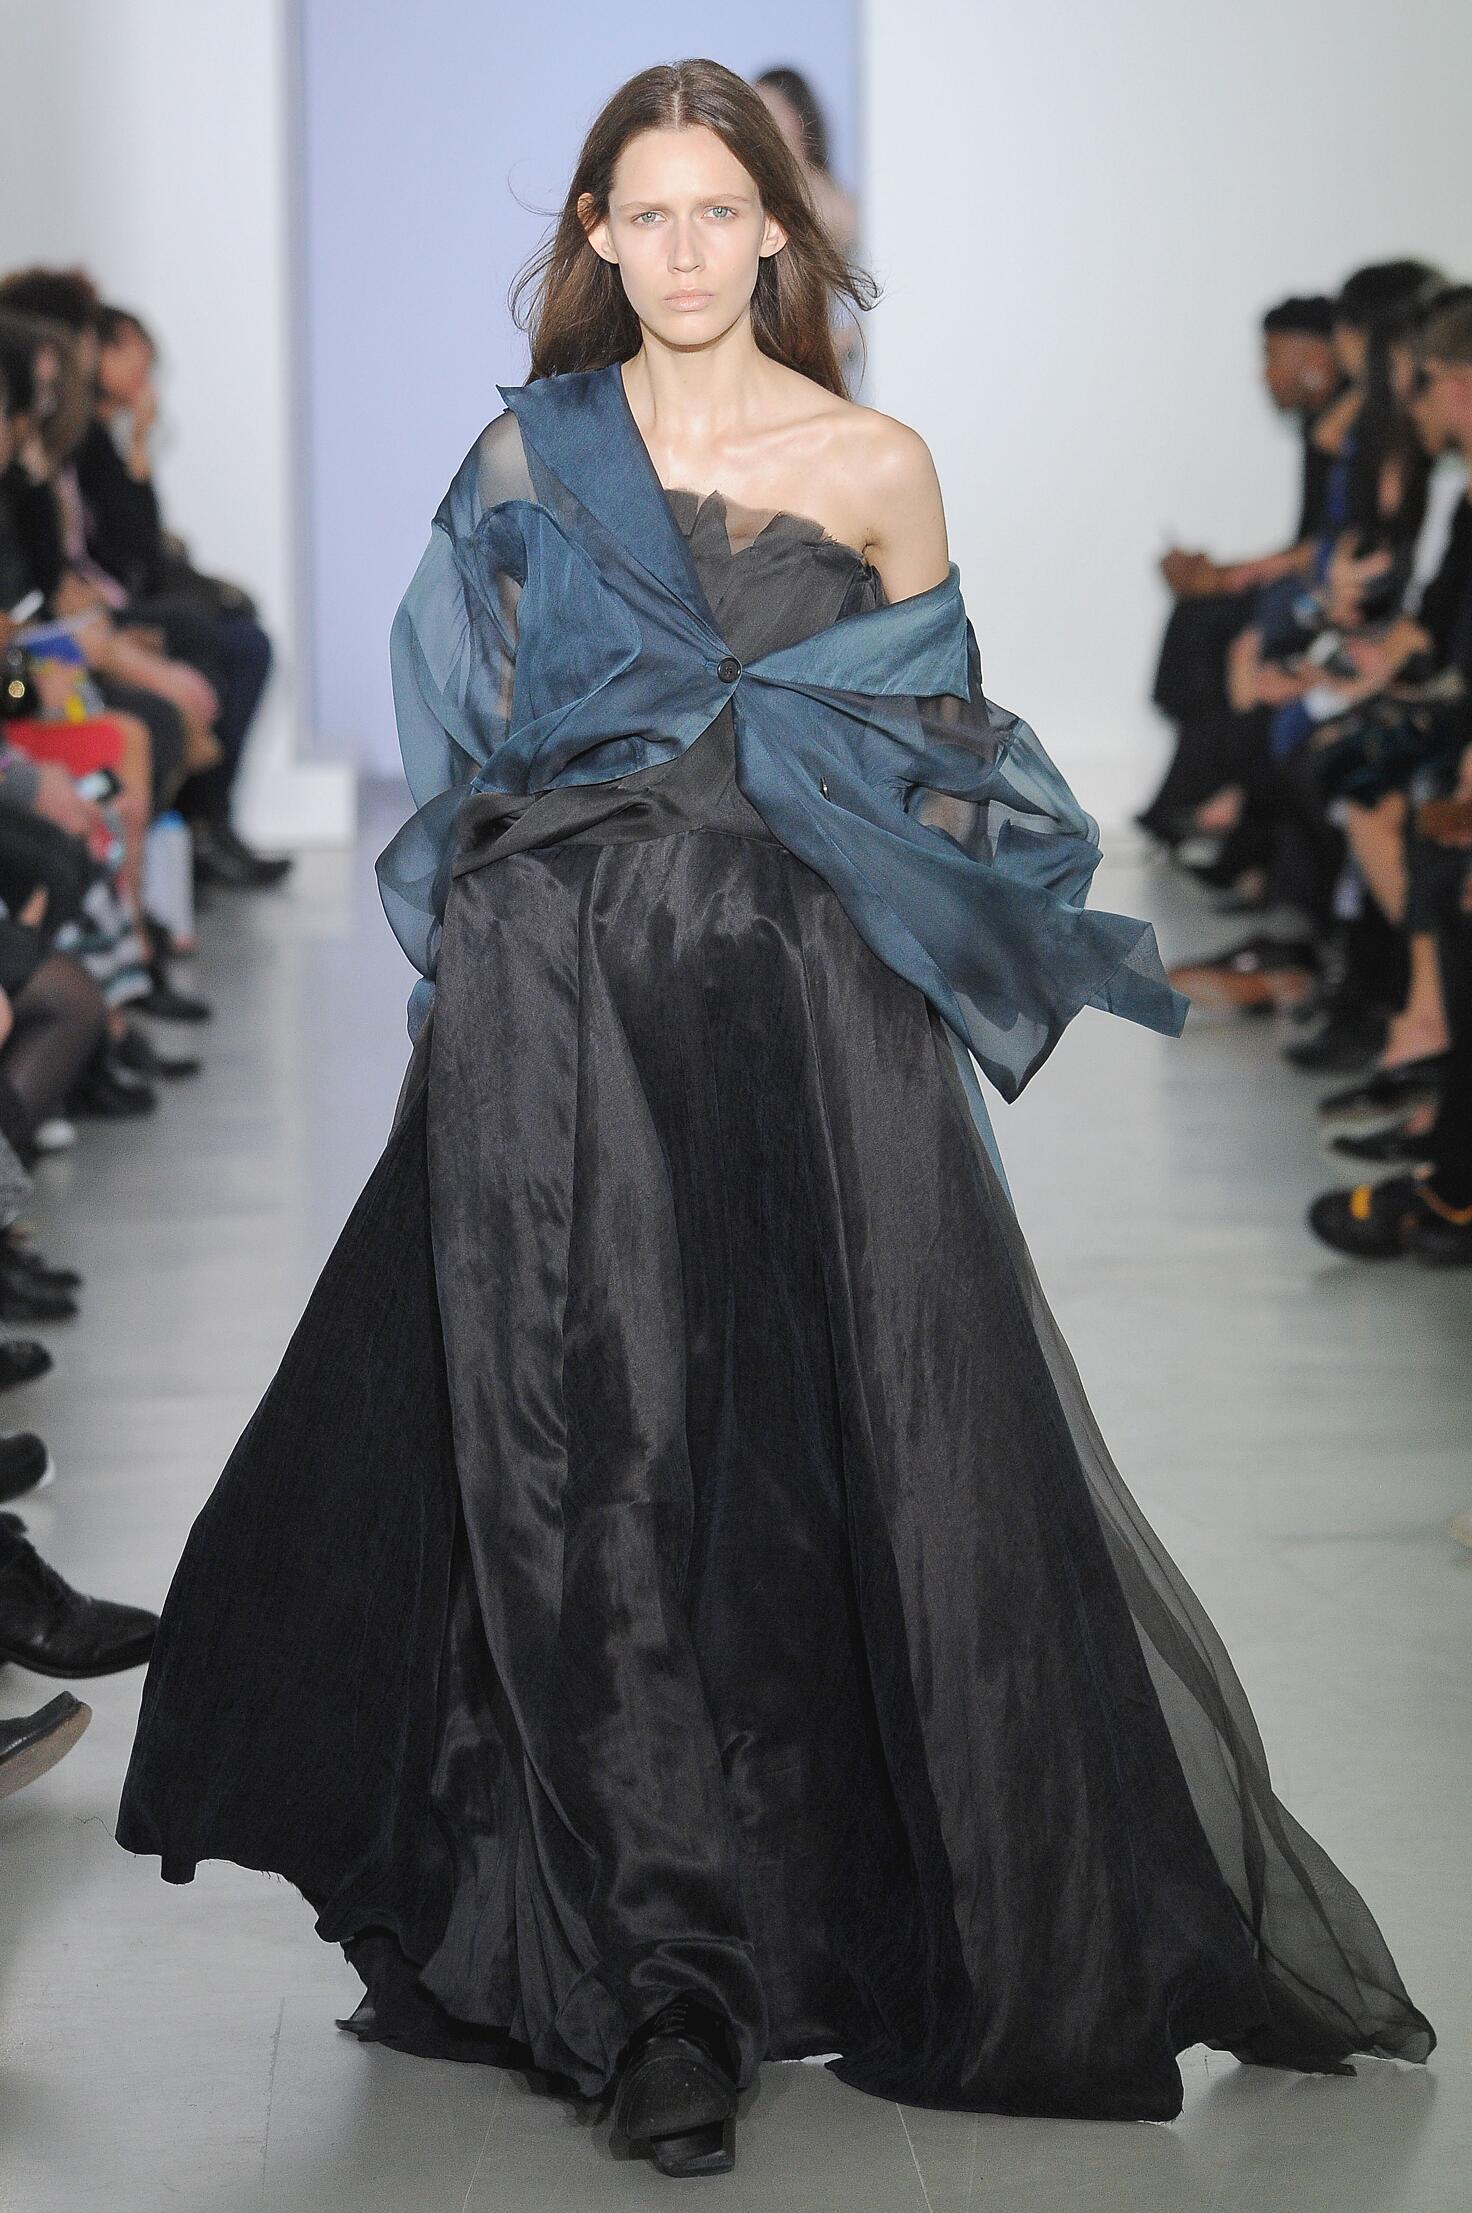 Spring Fashion 2015 Yang Li